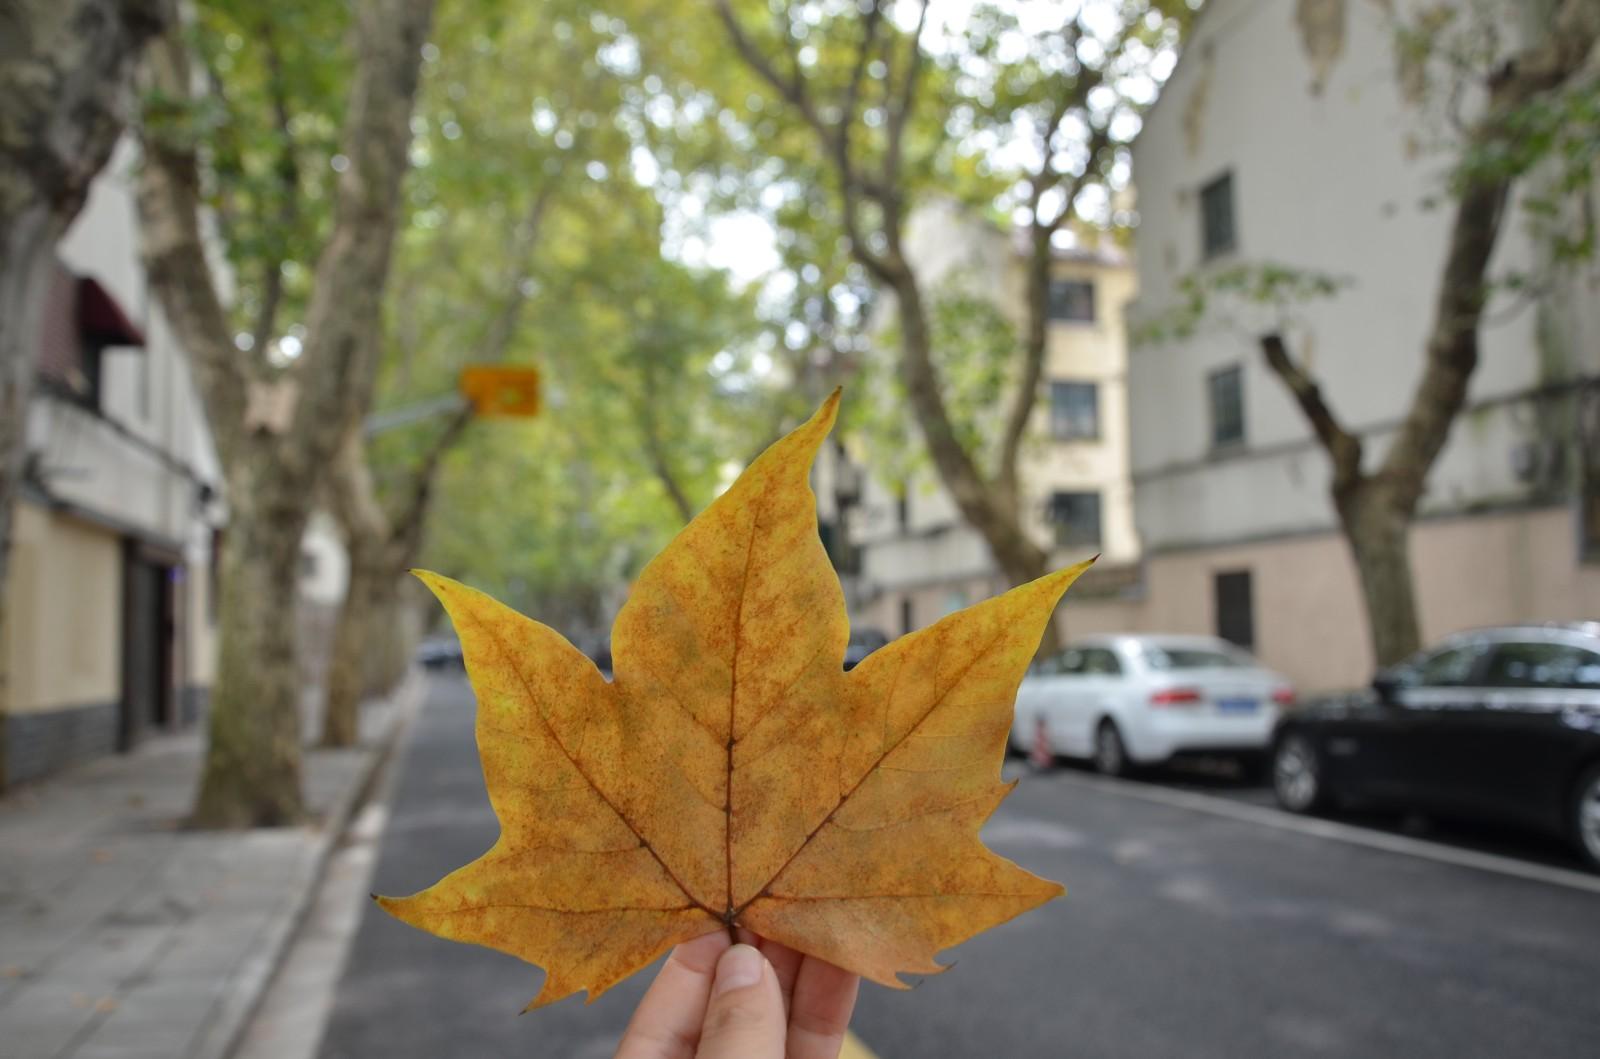 【上海微旅游】從衡山路到武康路,永不褪色的上海夢